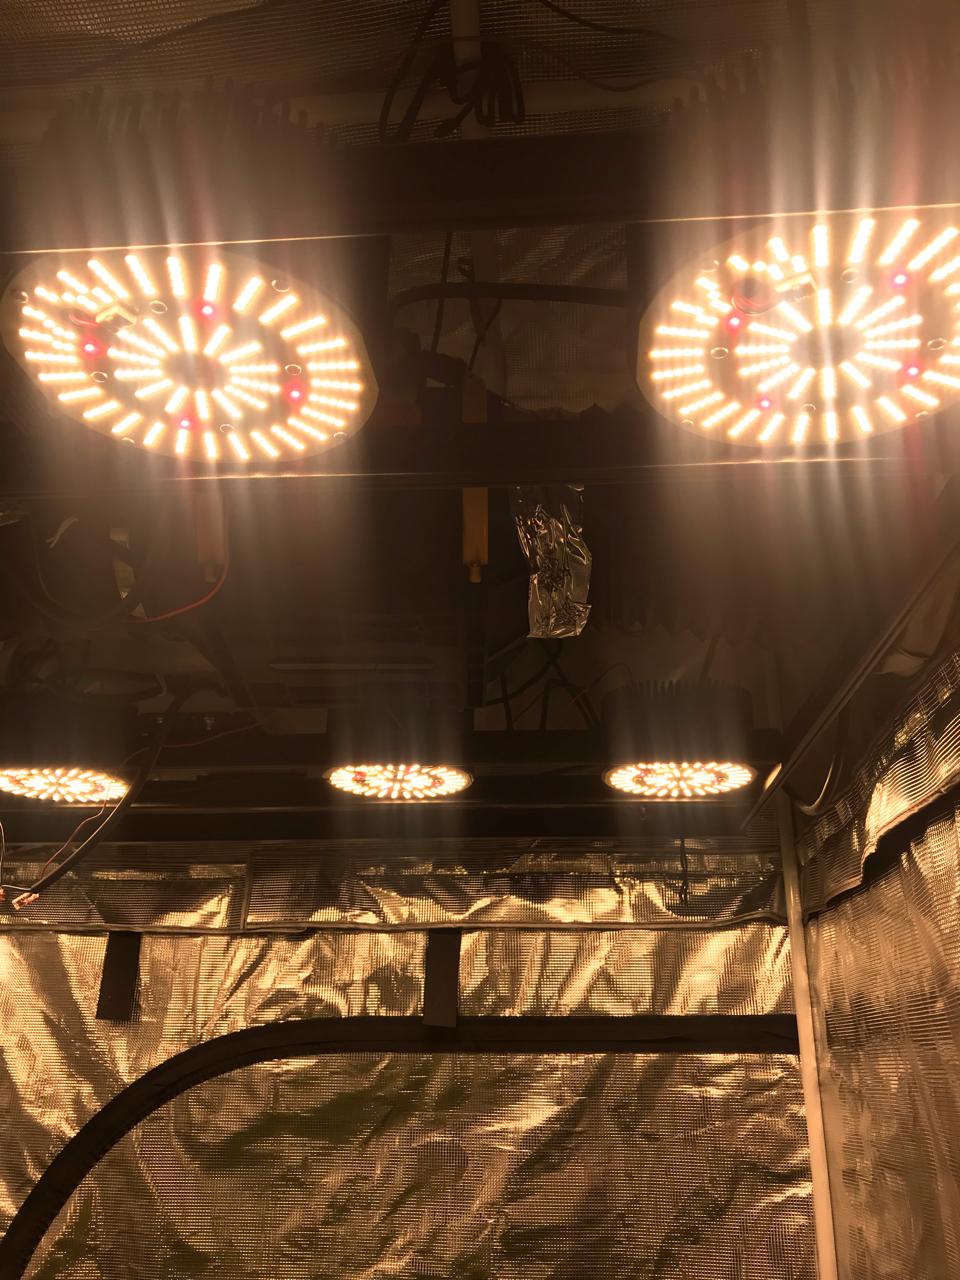 CannaBuzz | Lighting - LED's Feed